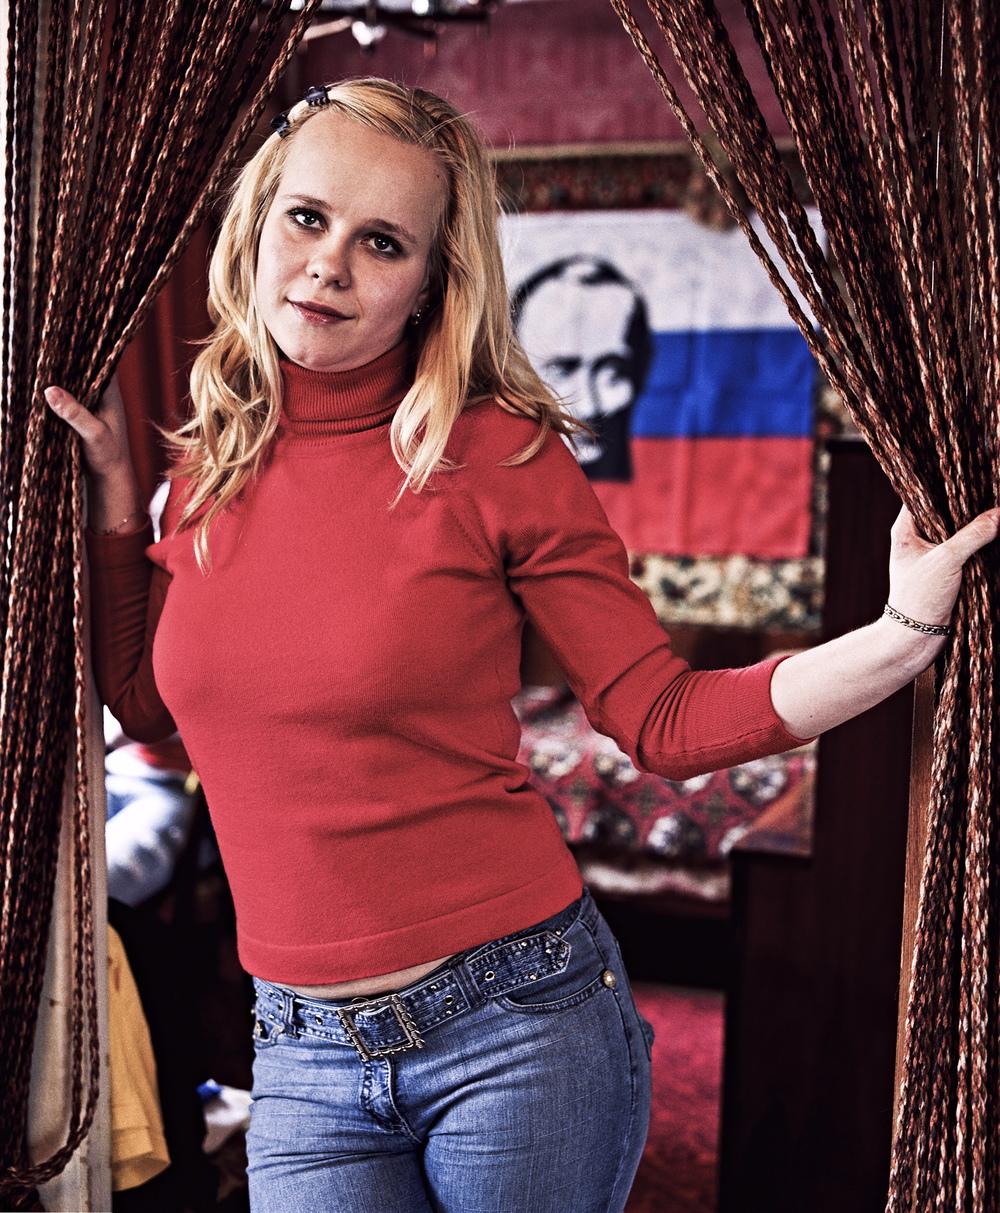 Tanya Arkhipova